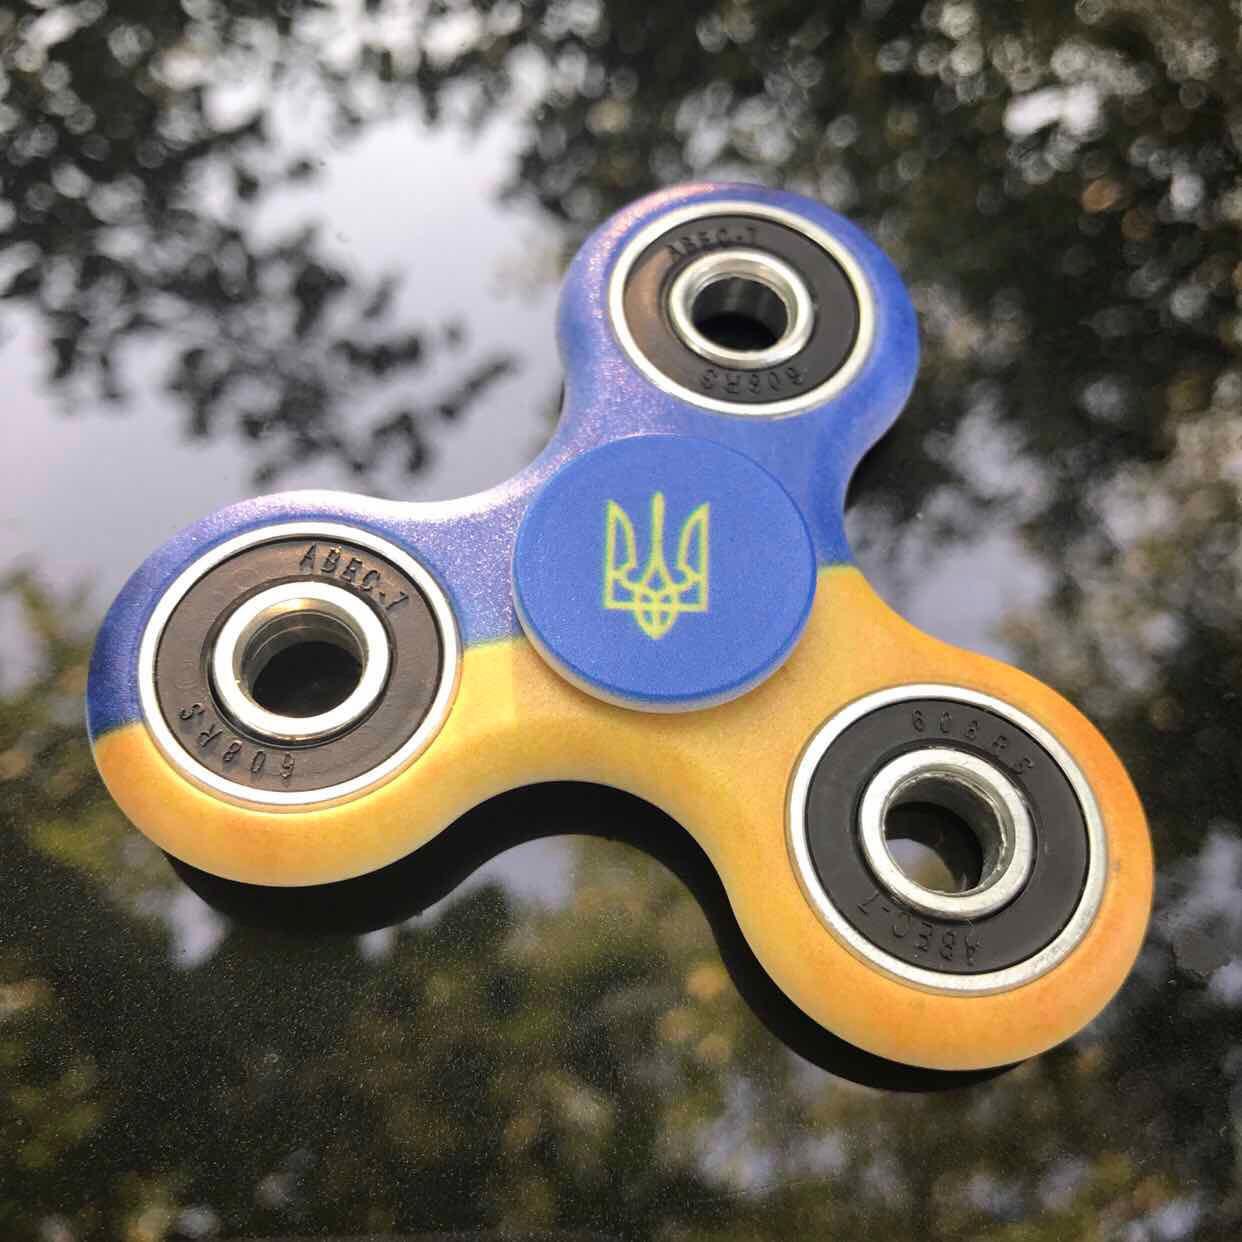 Спиннер Spinner Fidget Spinner Спінер Фиджет спінер